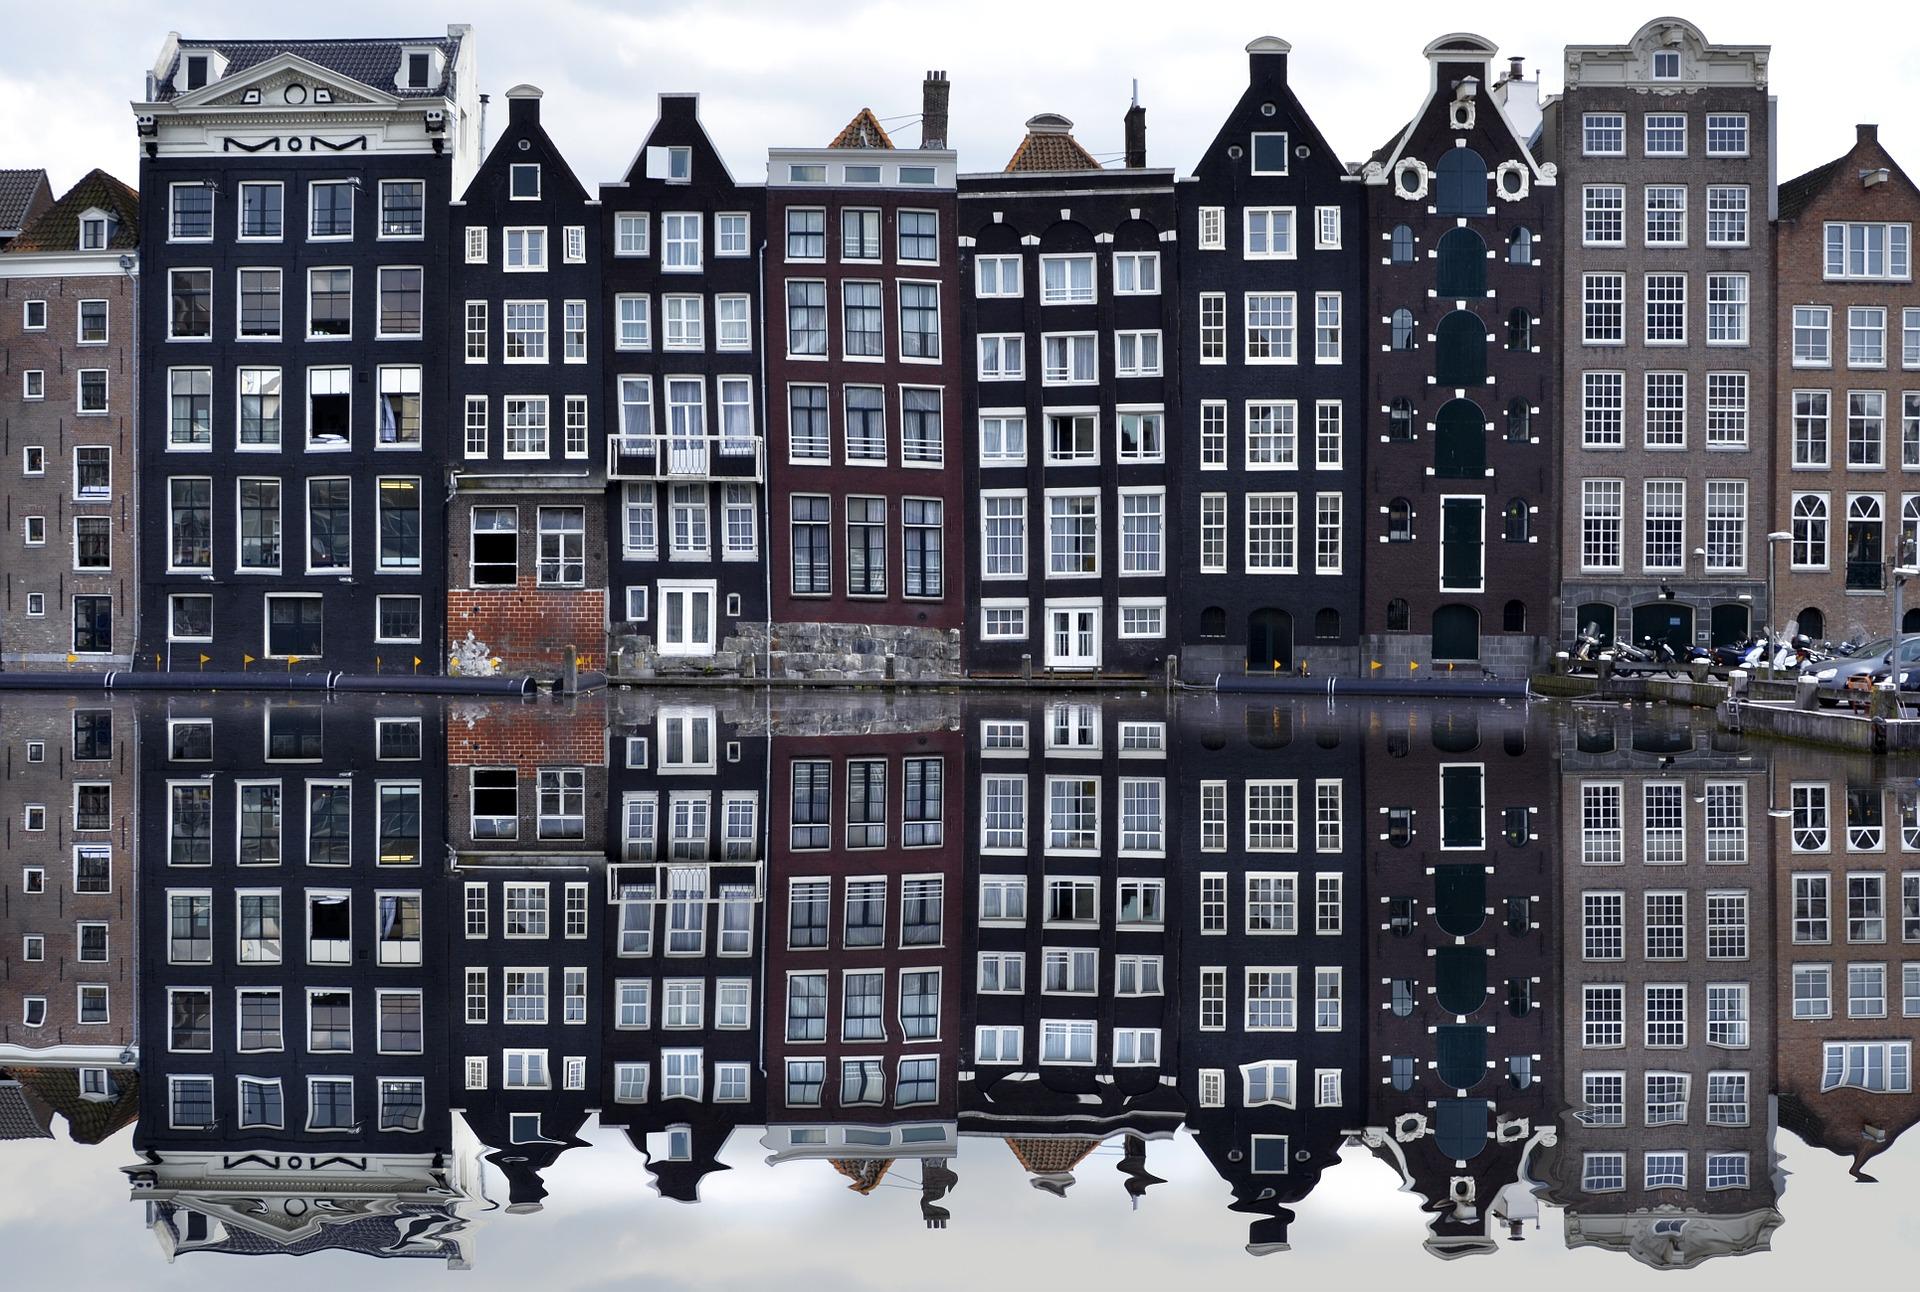 Правительство Нидерландов считает необходимым ввести комендантский час из-за COVID-19. Фото: pixabay.com